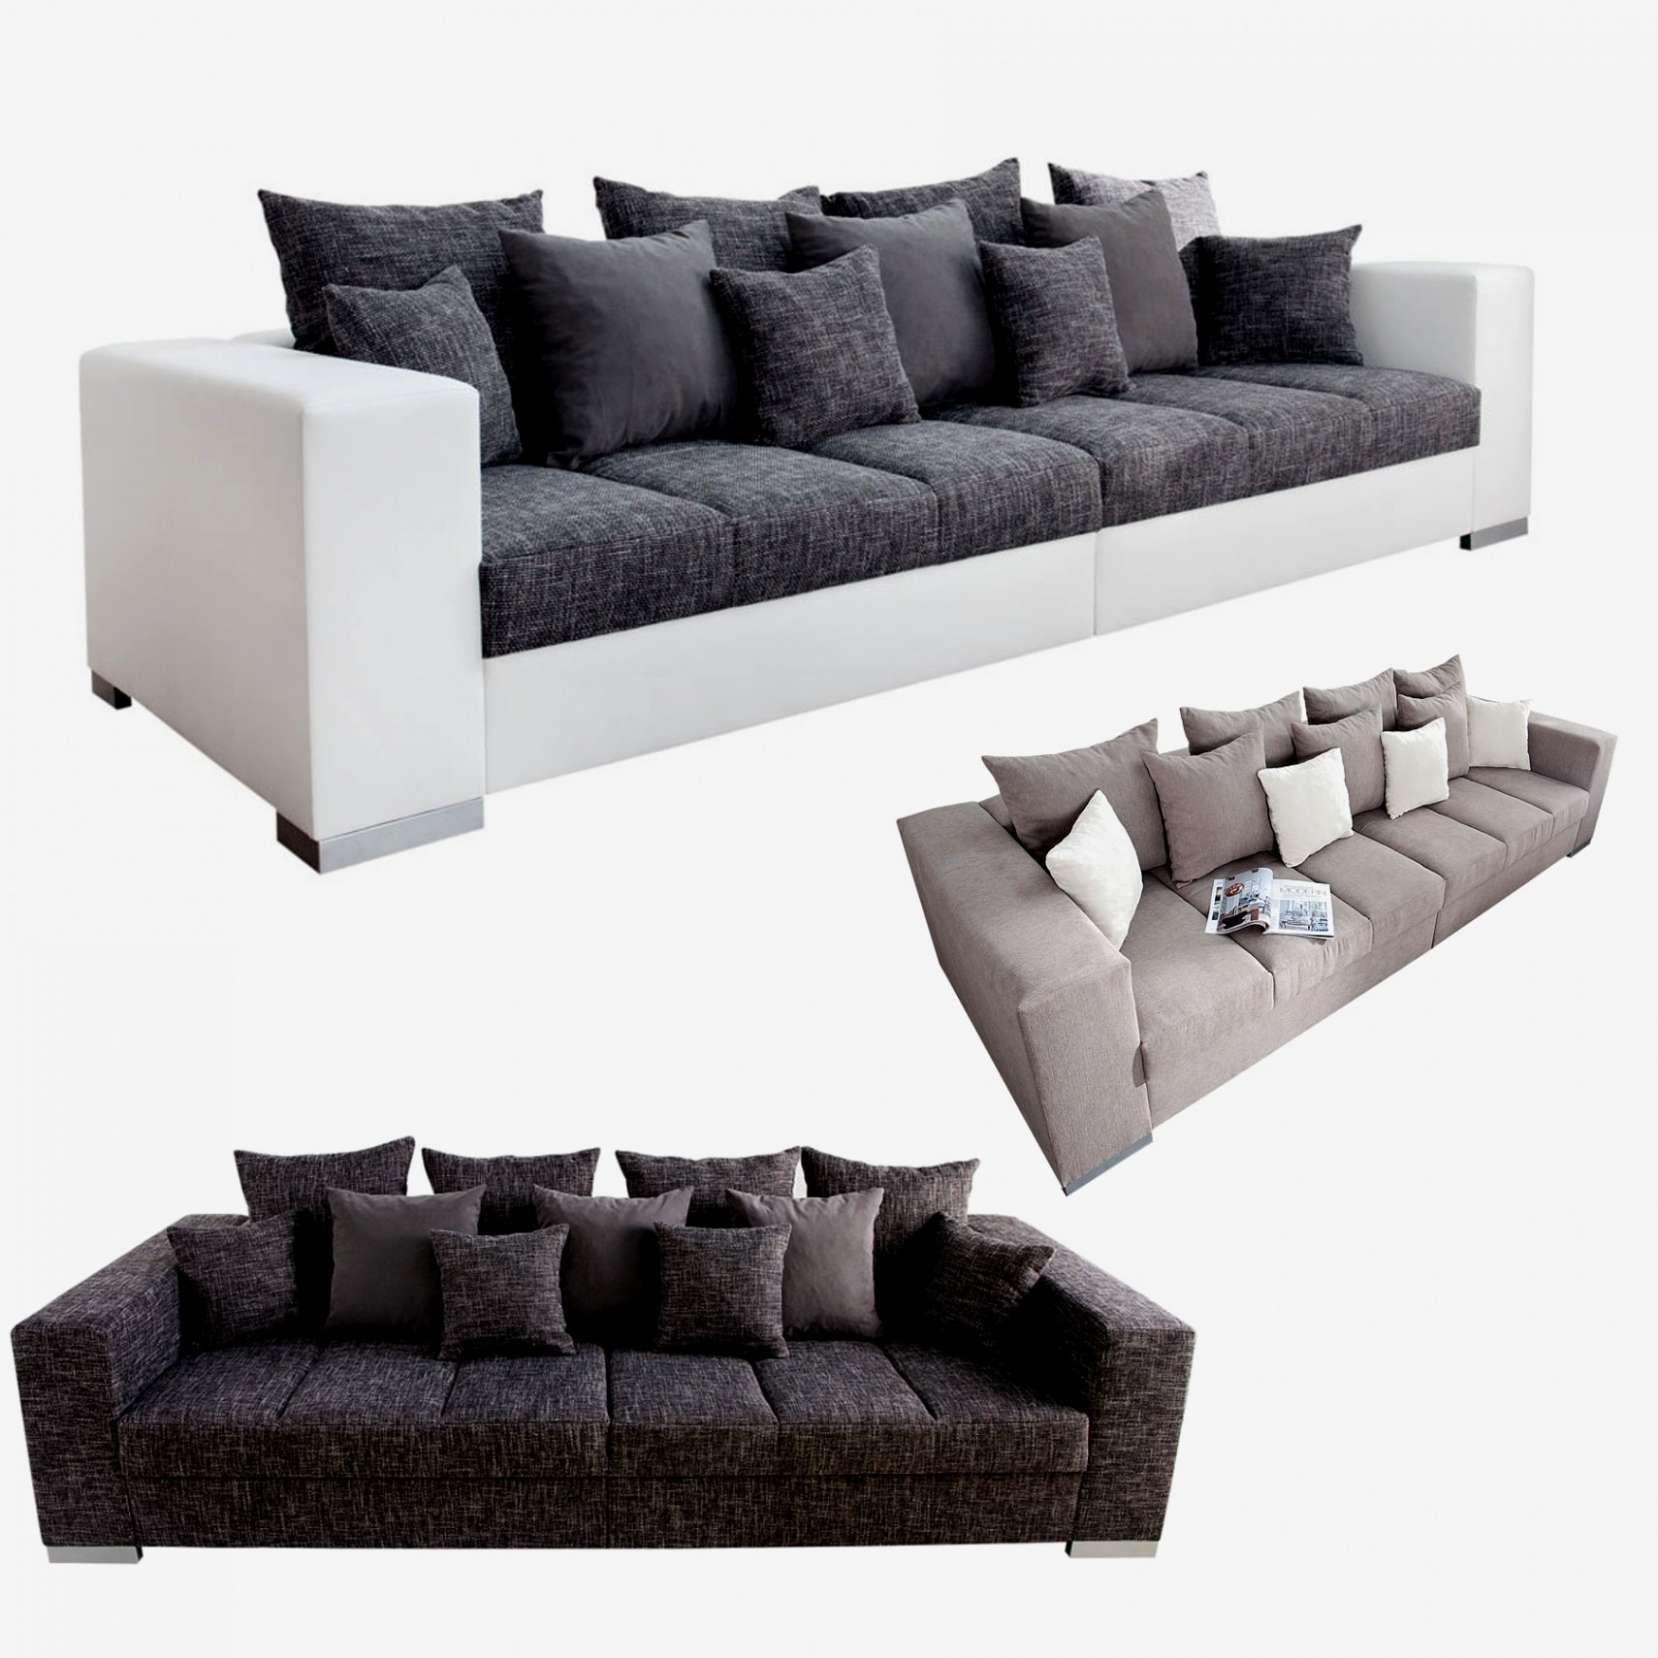 Wohnlandschaft L Form Gunstig Ecksofa Mit Schlaffunktion Gunstig Yct Projekte In 2020 Big Sofas Sofa Couch